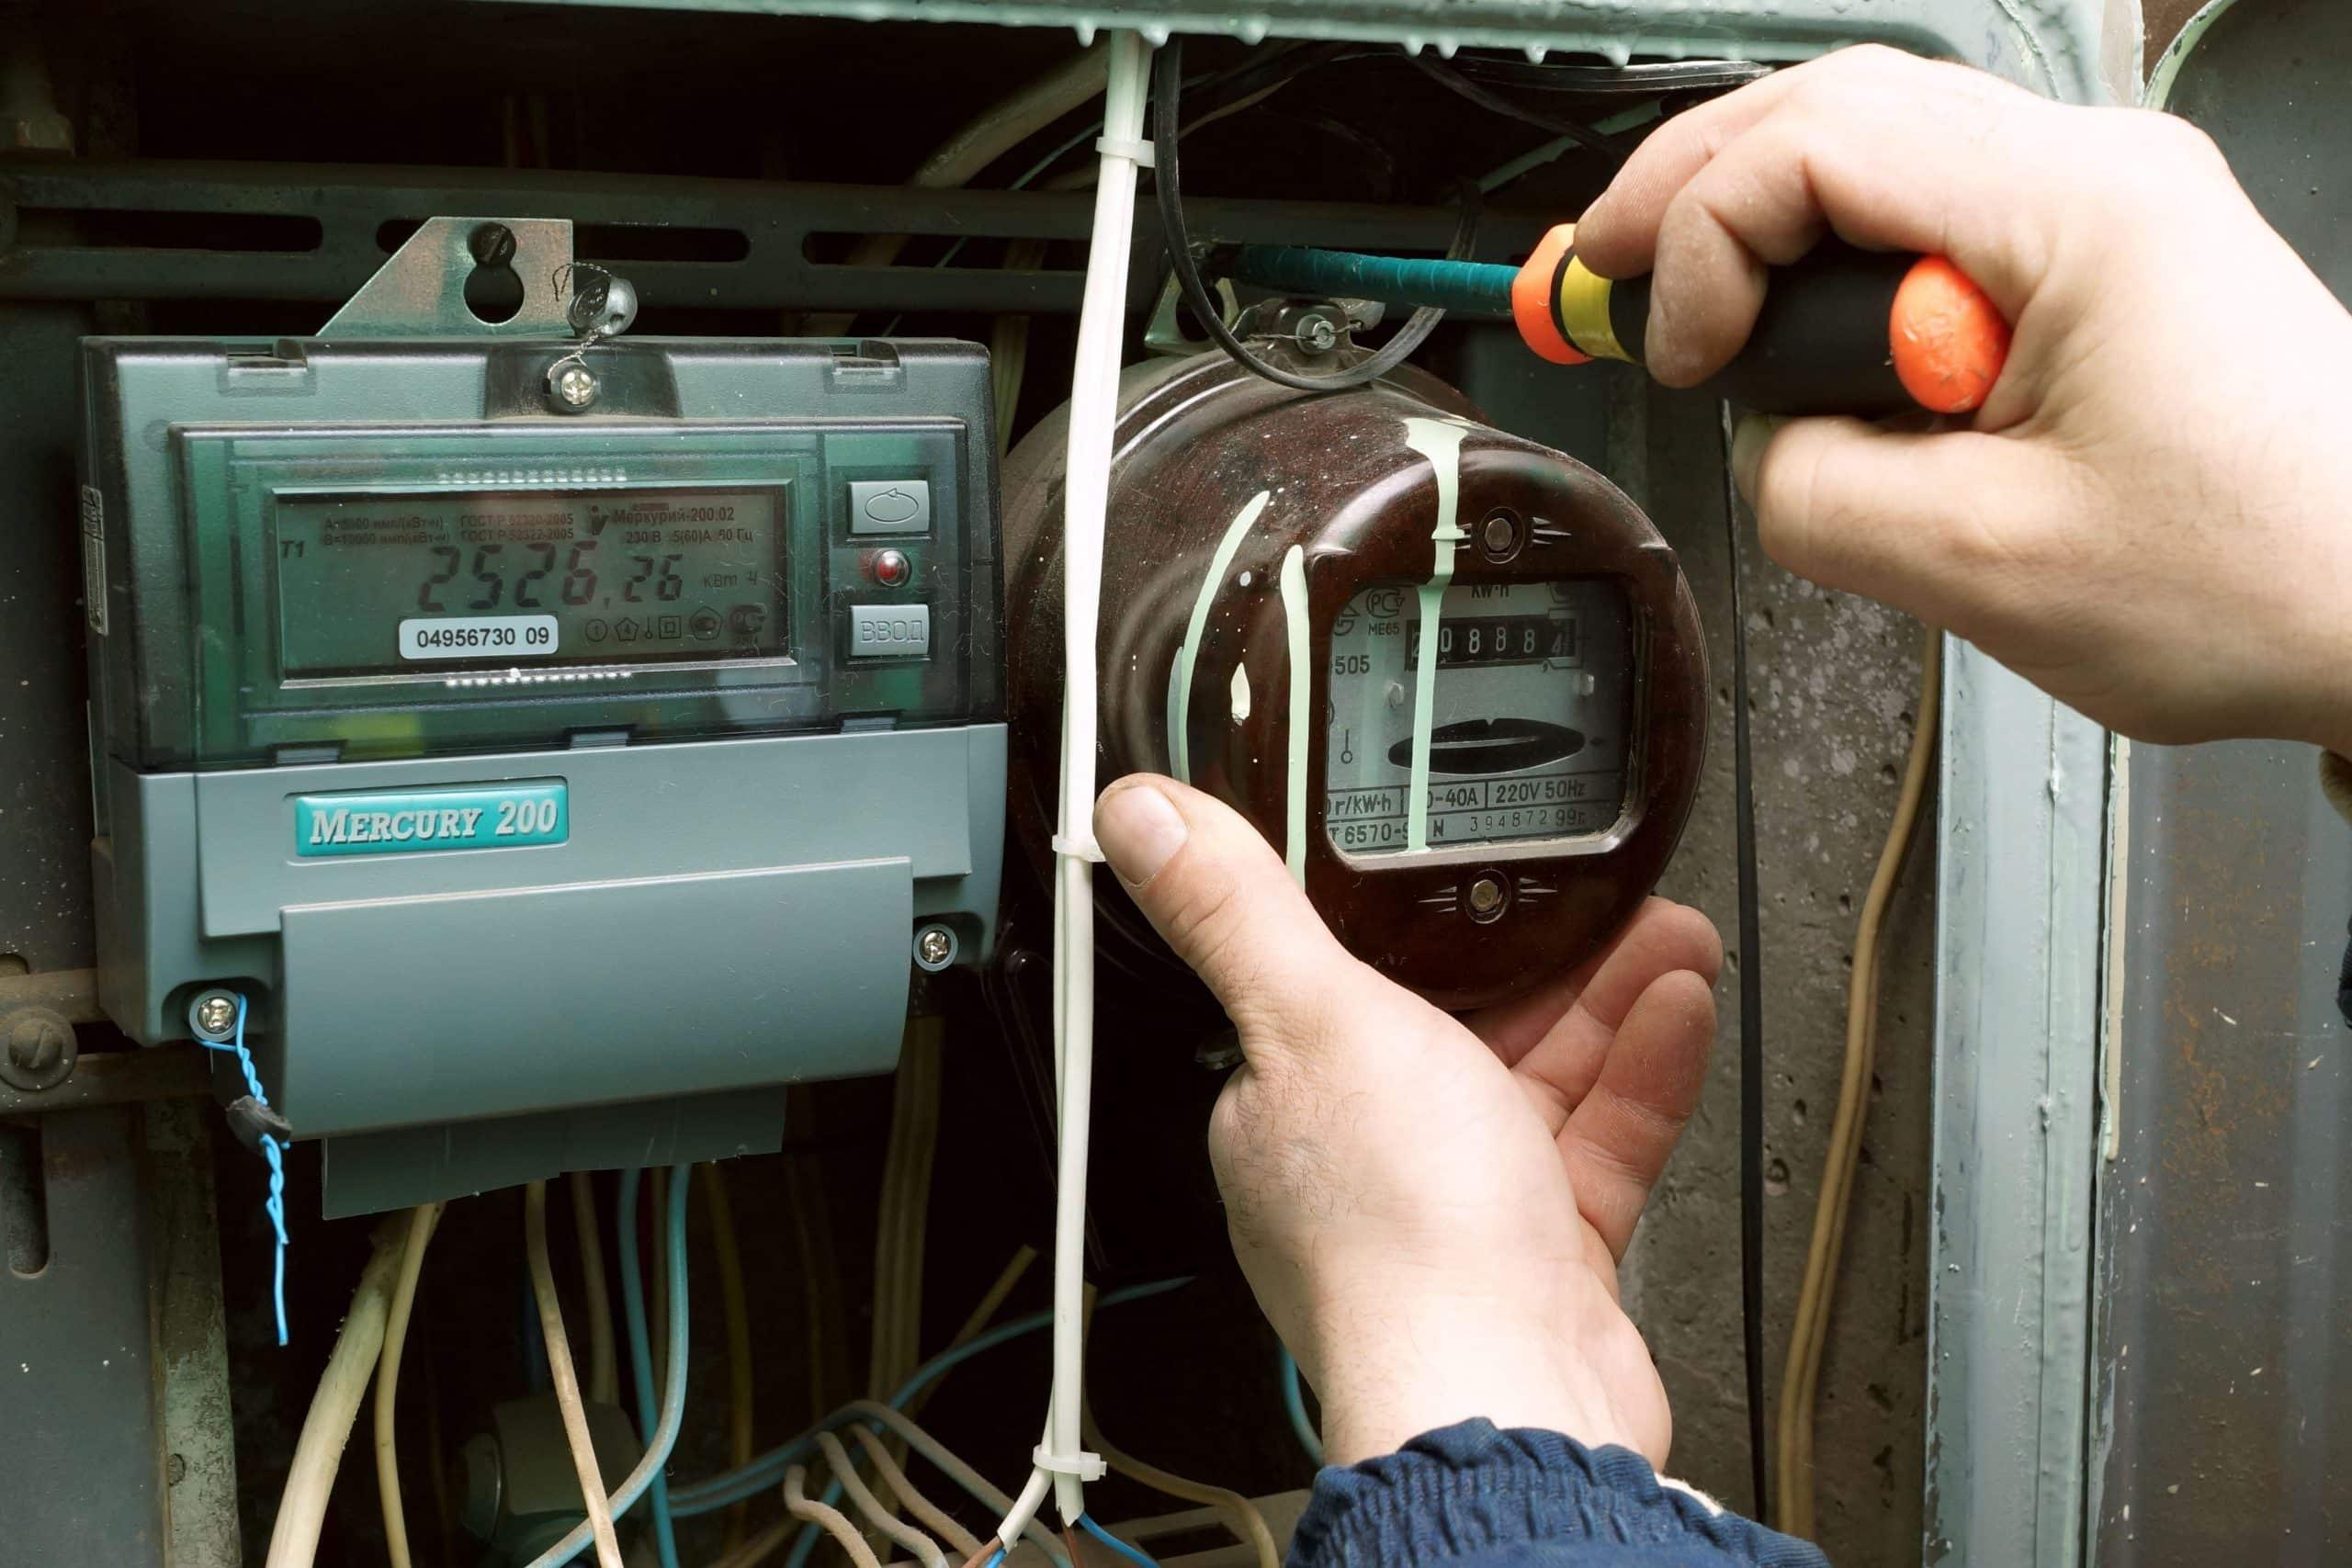 Замена и установка счетчиков электроэнергии в точном соблюдении правил техники безопасности